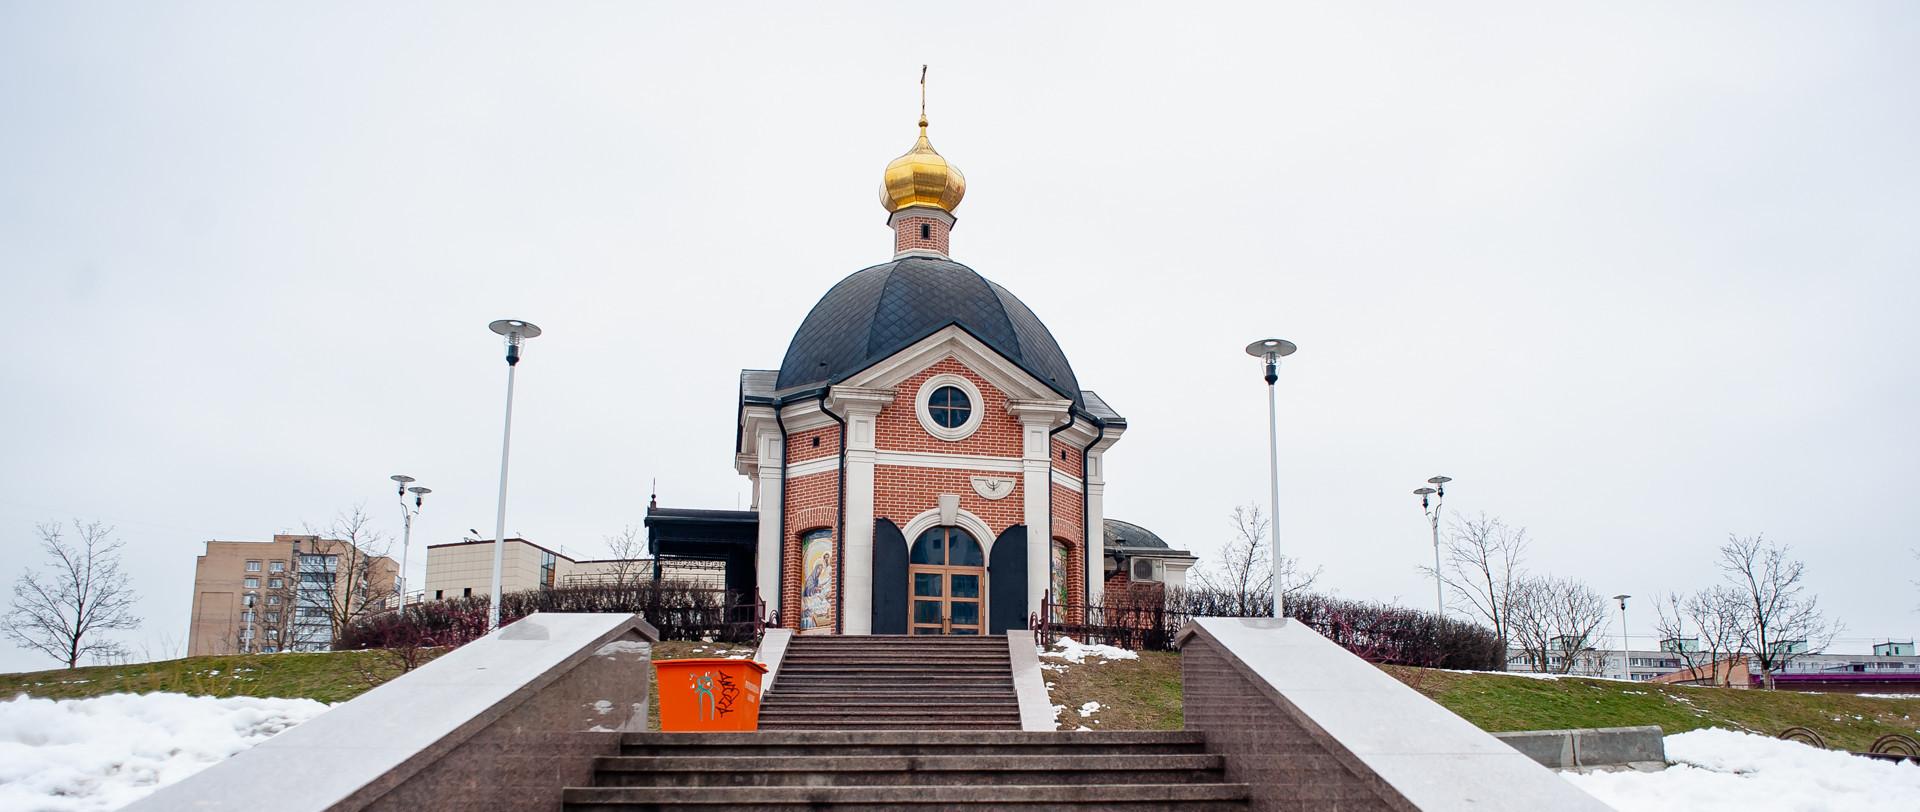 Щелковское  направление, Щёлково, церковь часовня Серафима Саровского